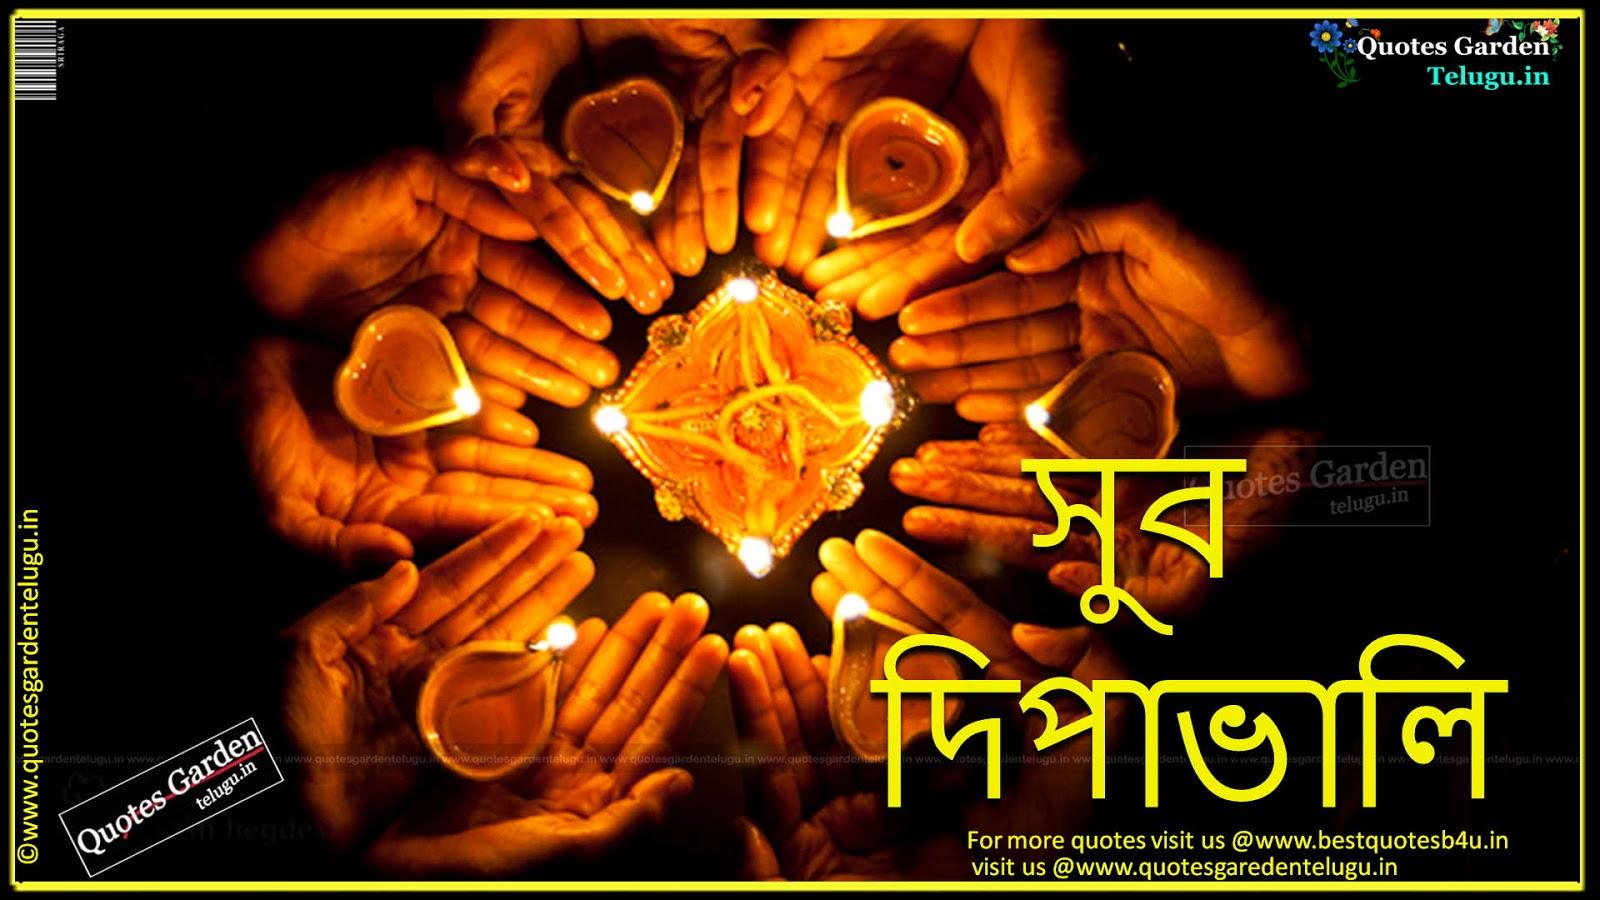 Diwali Greetings Quotes in Bengali   QUOTES GARDEN TELUGU   Telugu